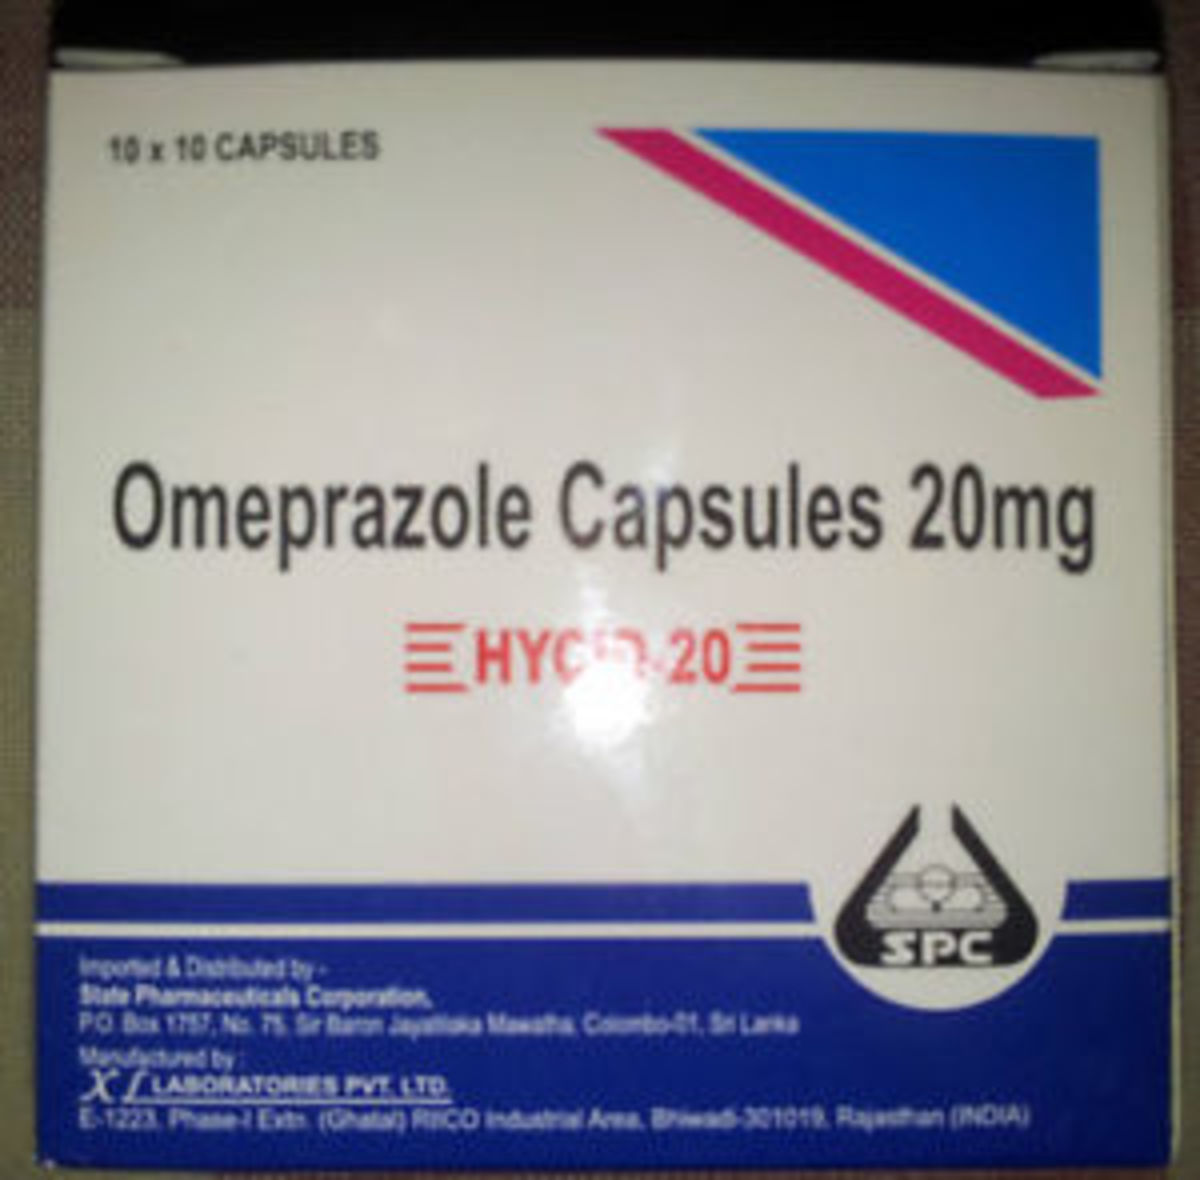 Hycid capsules